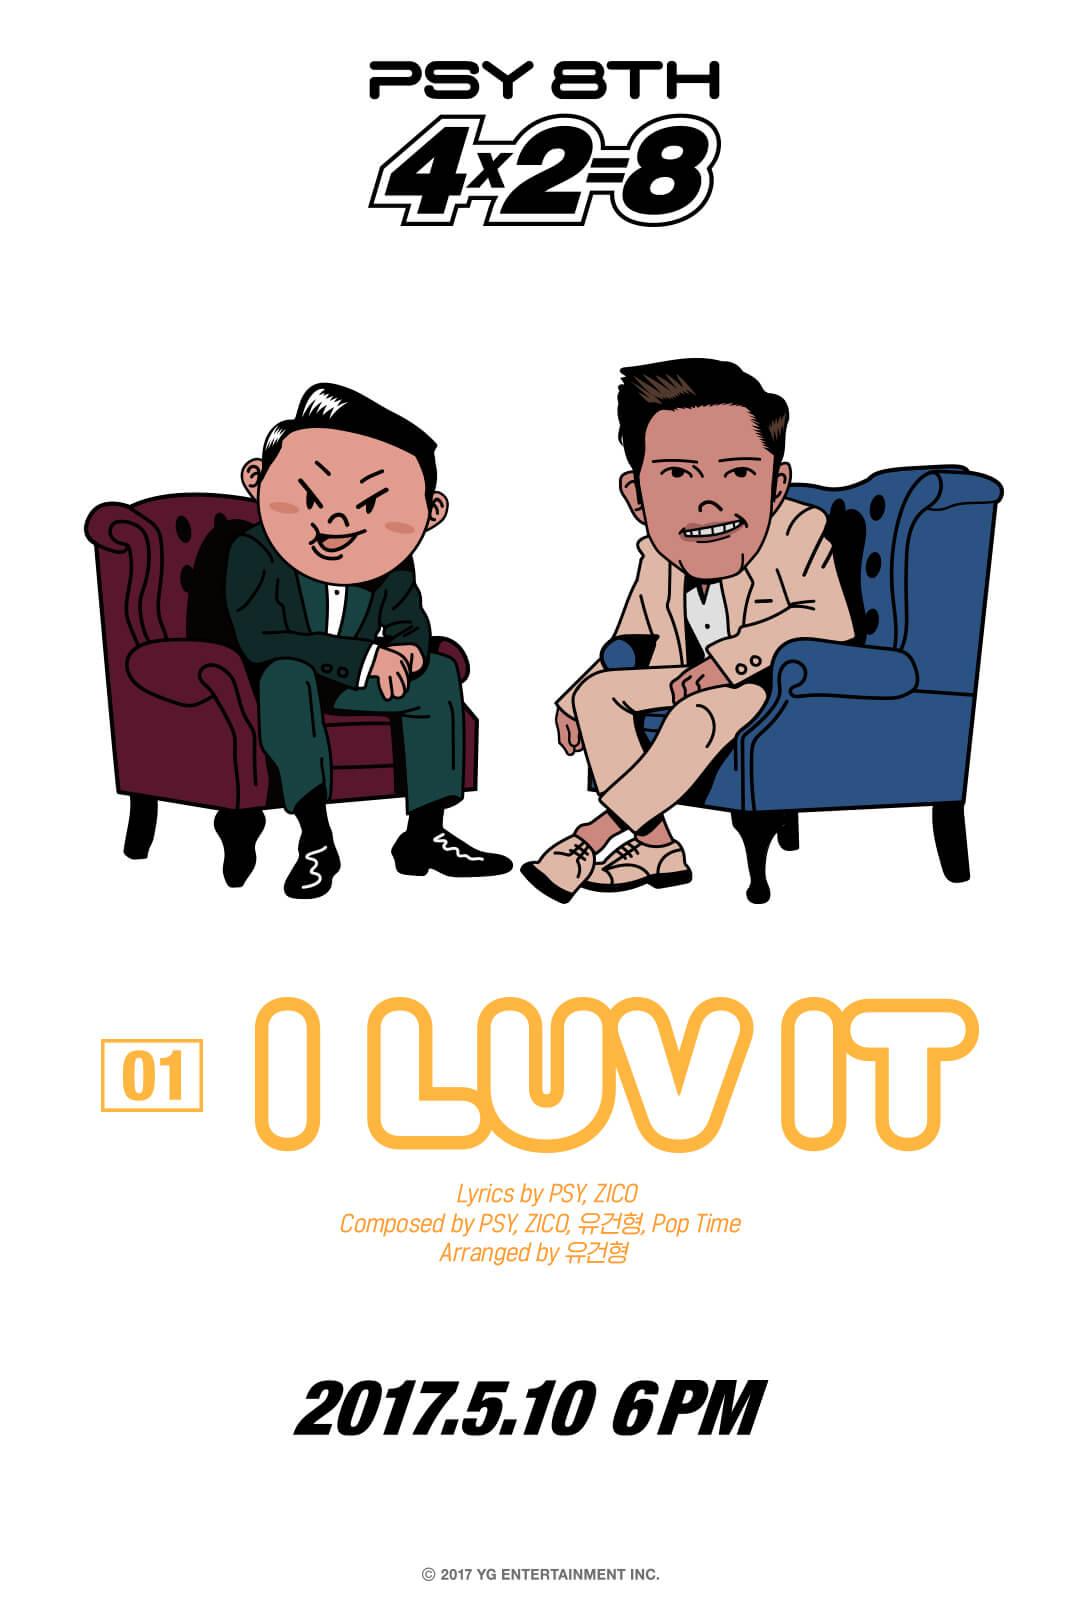 02-1 ILUVIT (1)